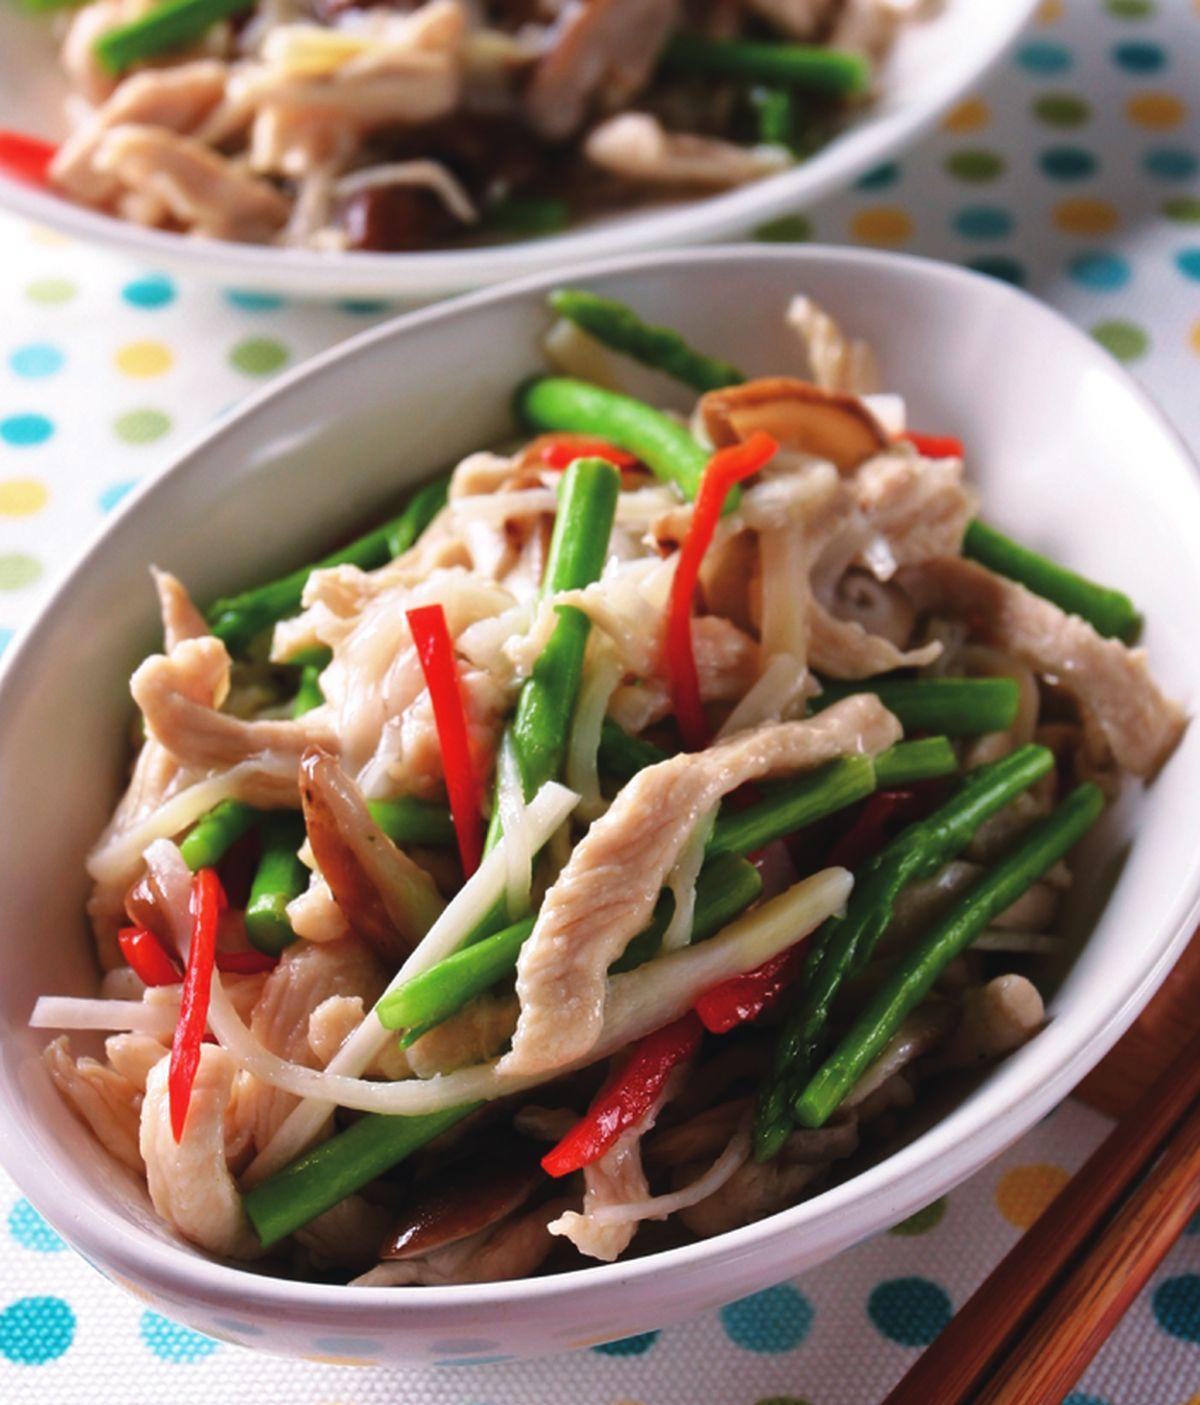 食譜:竹筍雞絲